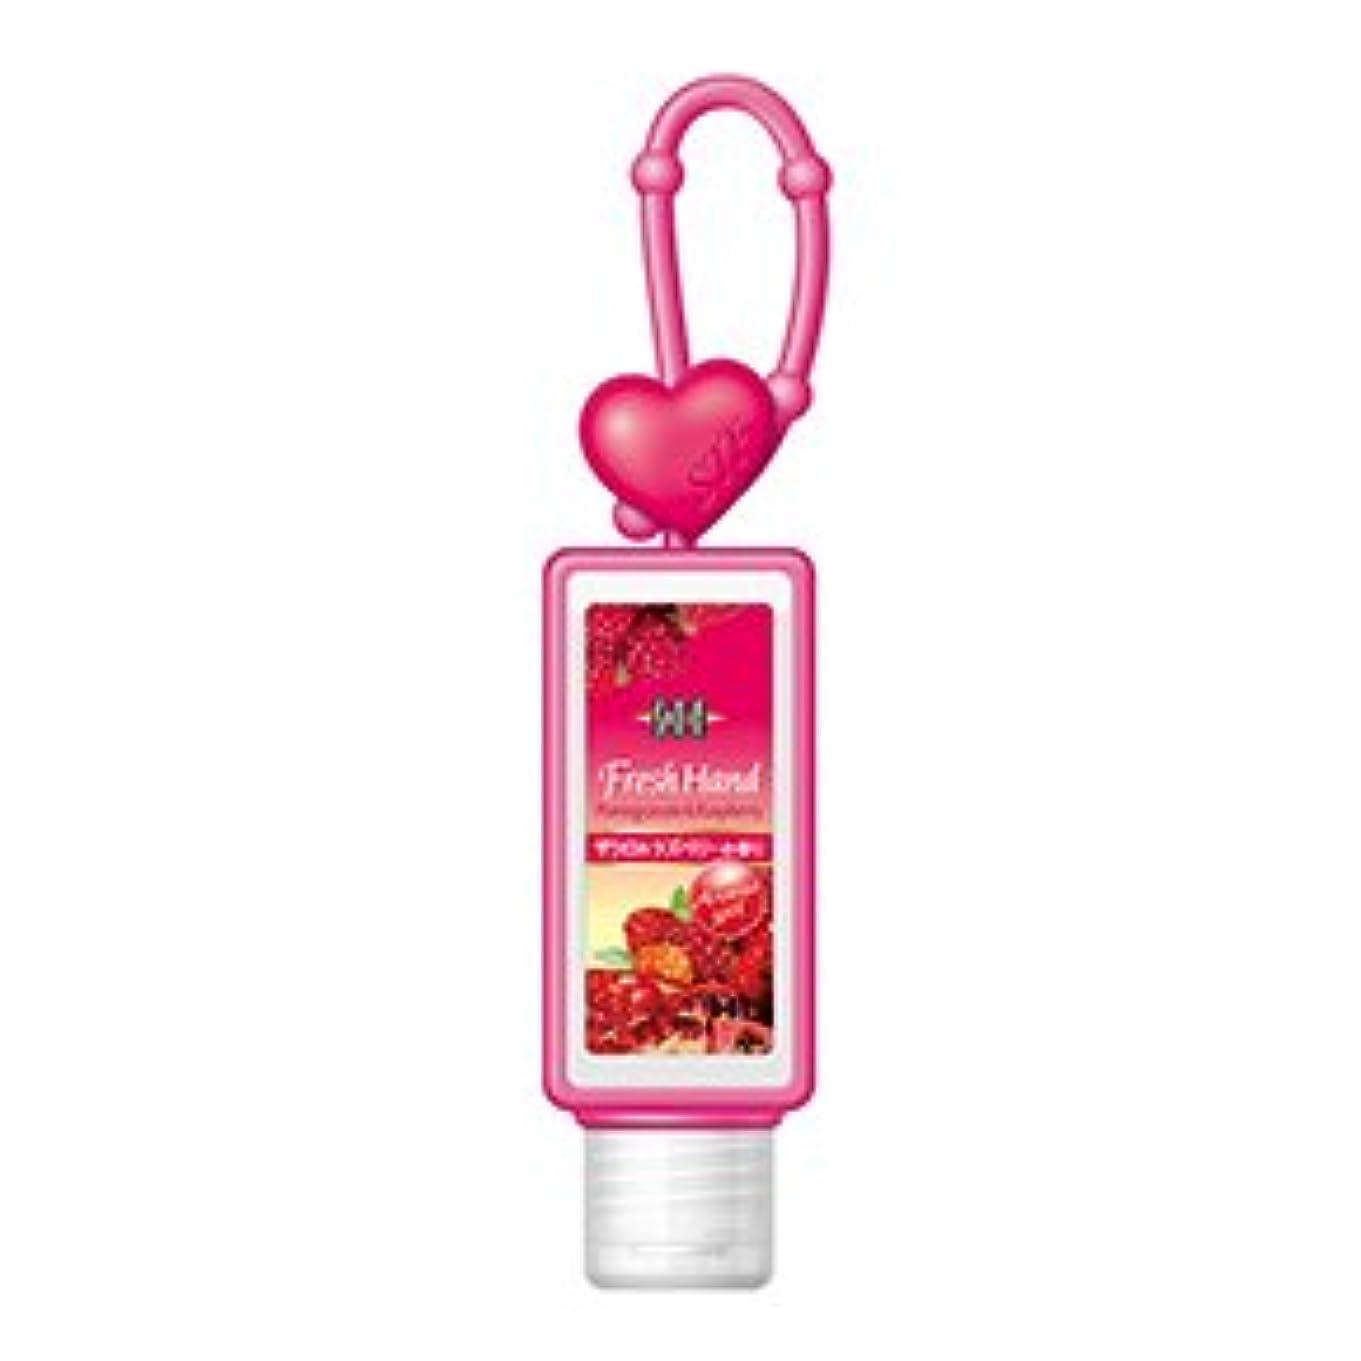 ヒューバートハドソン拷問平和なSTF フレッシュハンド ザクロ&ラズベリーの香り 30ml